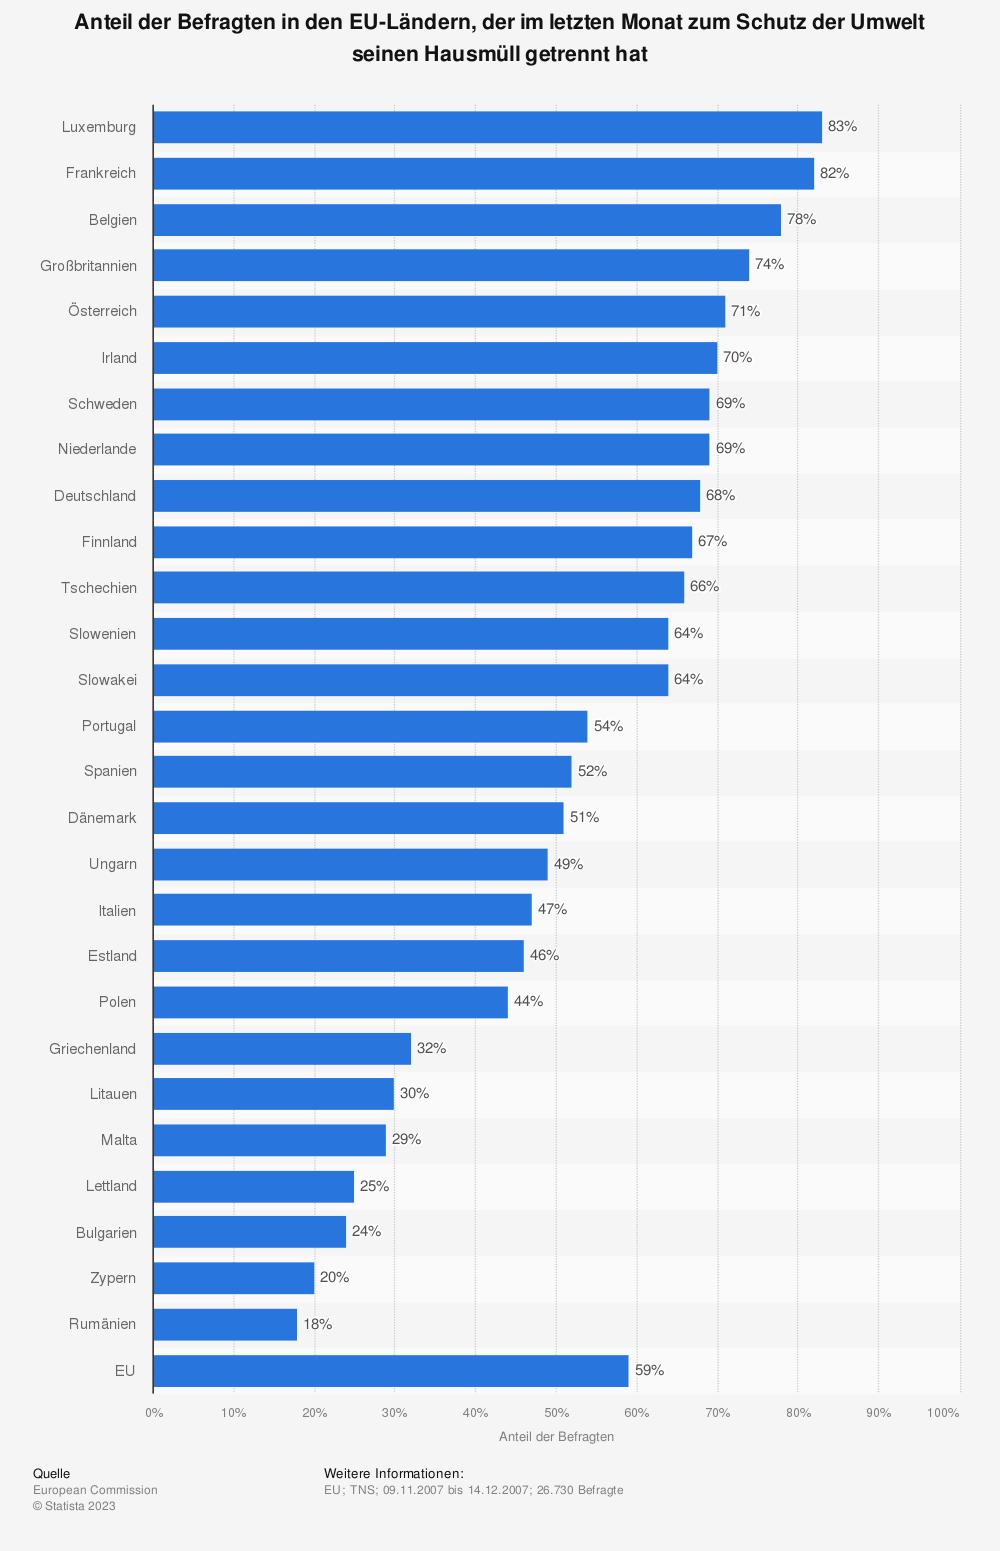 Statistik: Anteil der Befragten in den EU-Ländern, der im letzten Monat zum Schutz der Umwelt seinen Hausmüll getrennt hat | Statista